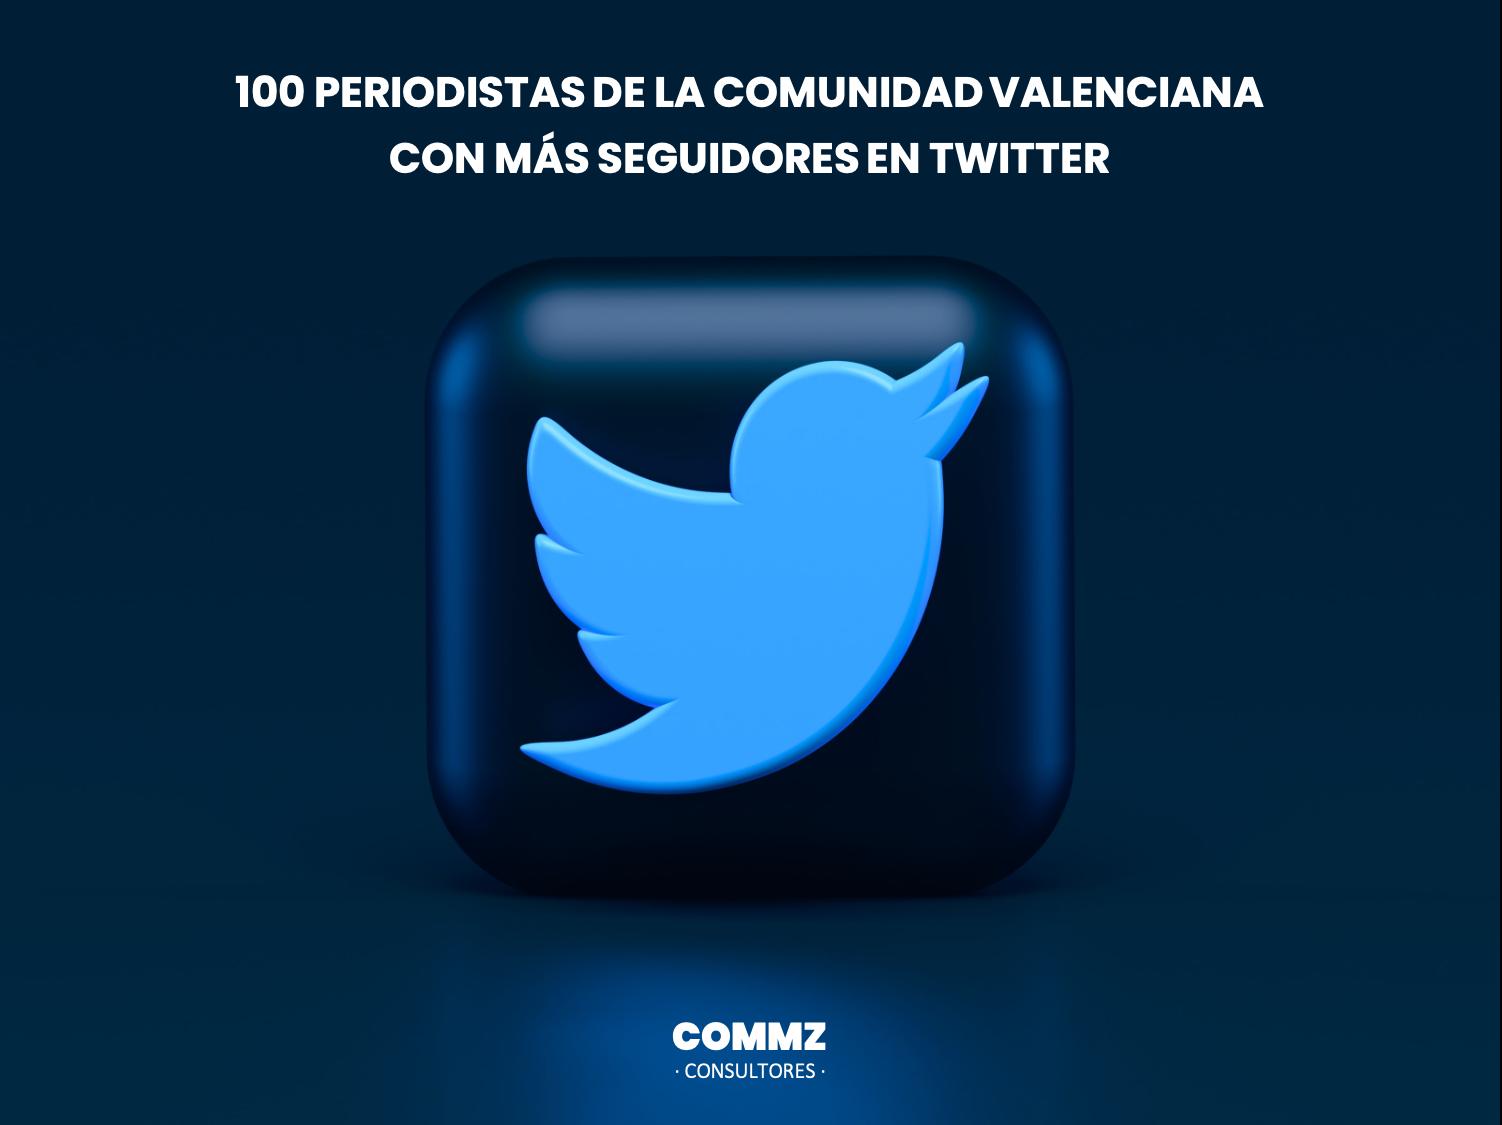 Solo 23 mujeres en el TOP100 Periodistas con más seguidores en Twitter de la Comunidad Valenciana